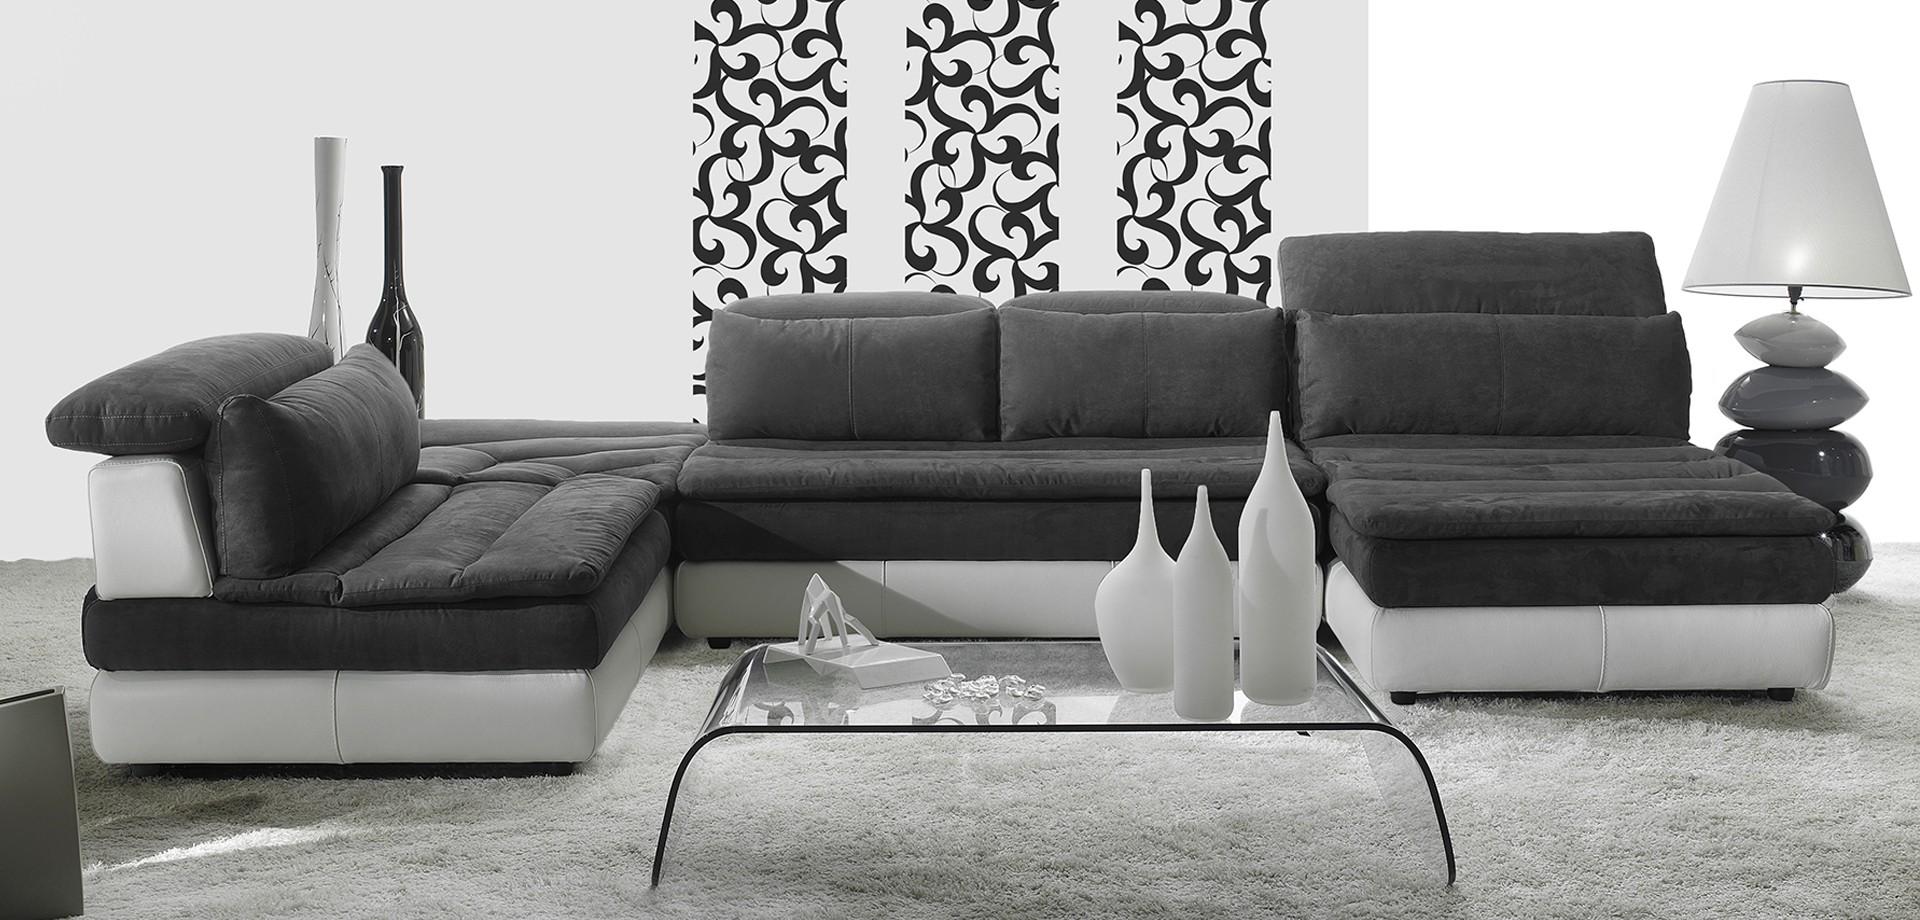 Una sala con due divani da due posti di color bianco, un tavolino di color nero e una lampada da tavolo di color nero